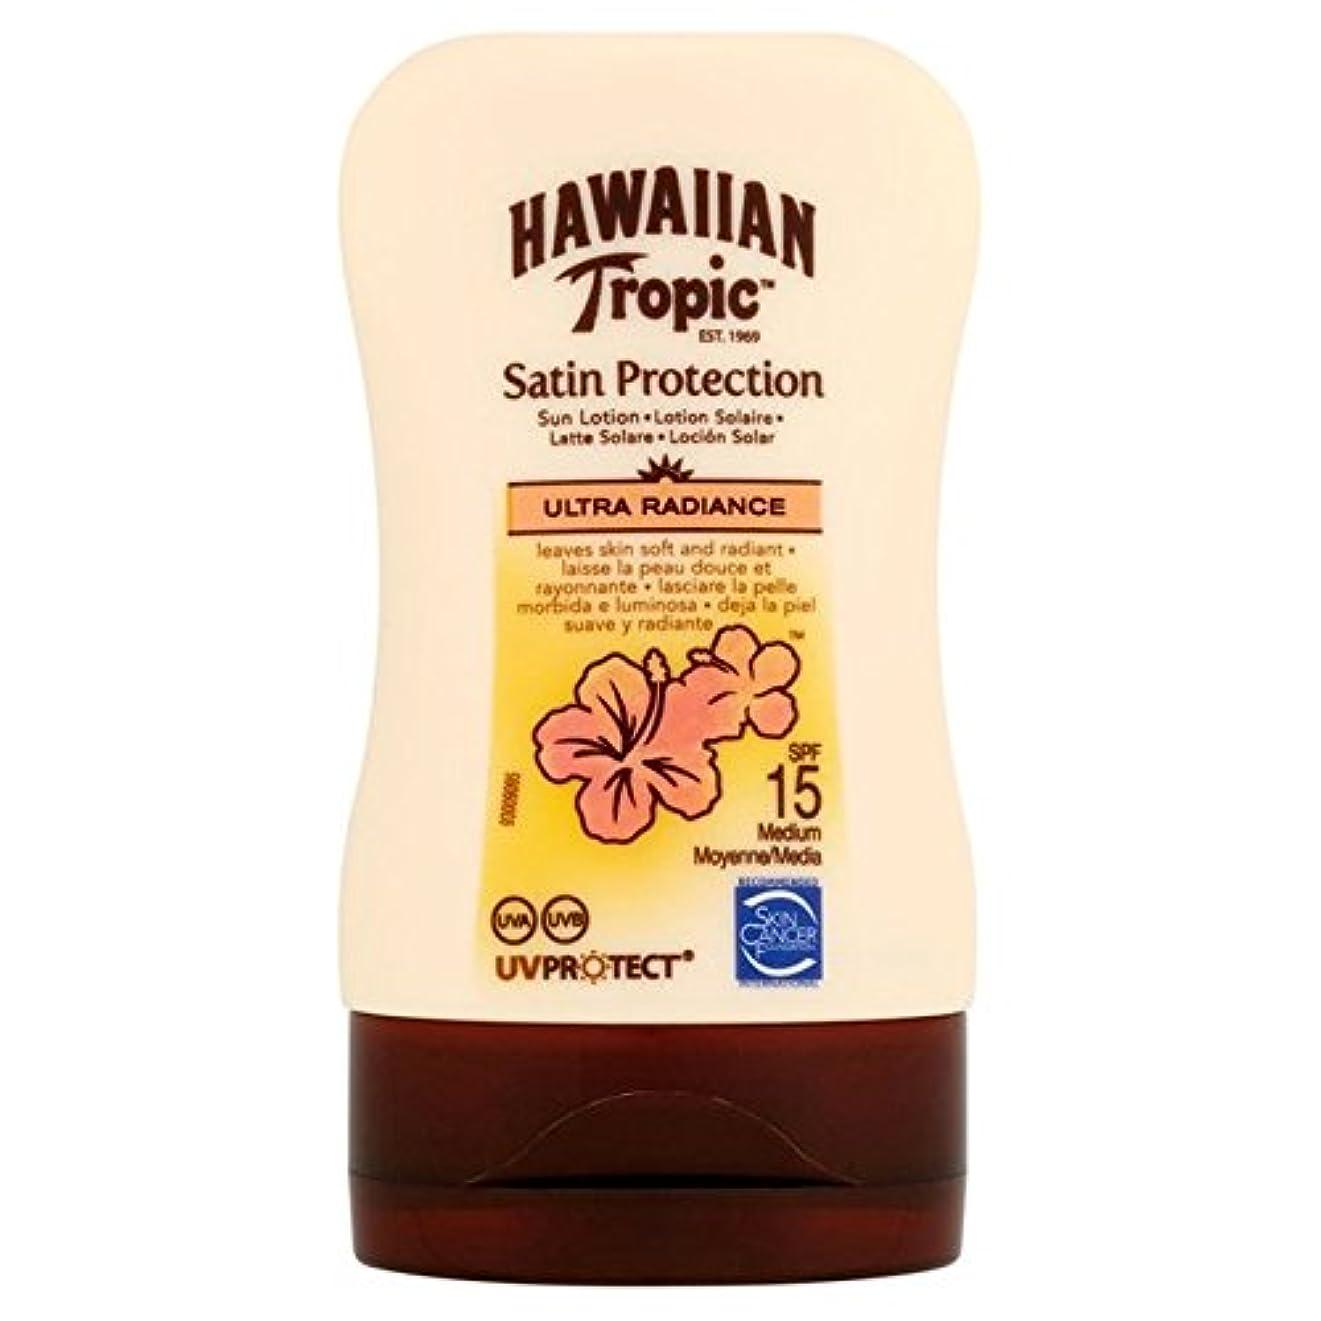 専門愛頑固なHawaiian Tropic Protective Lotion SPF15 Ultra Radiance 100ml - 南国ハワイの保護ローション15超放射輝度100ミリリットル [並行輸入品]